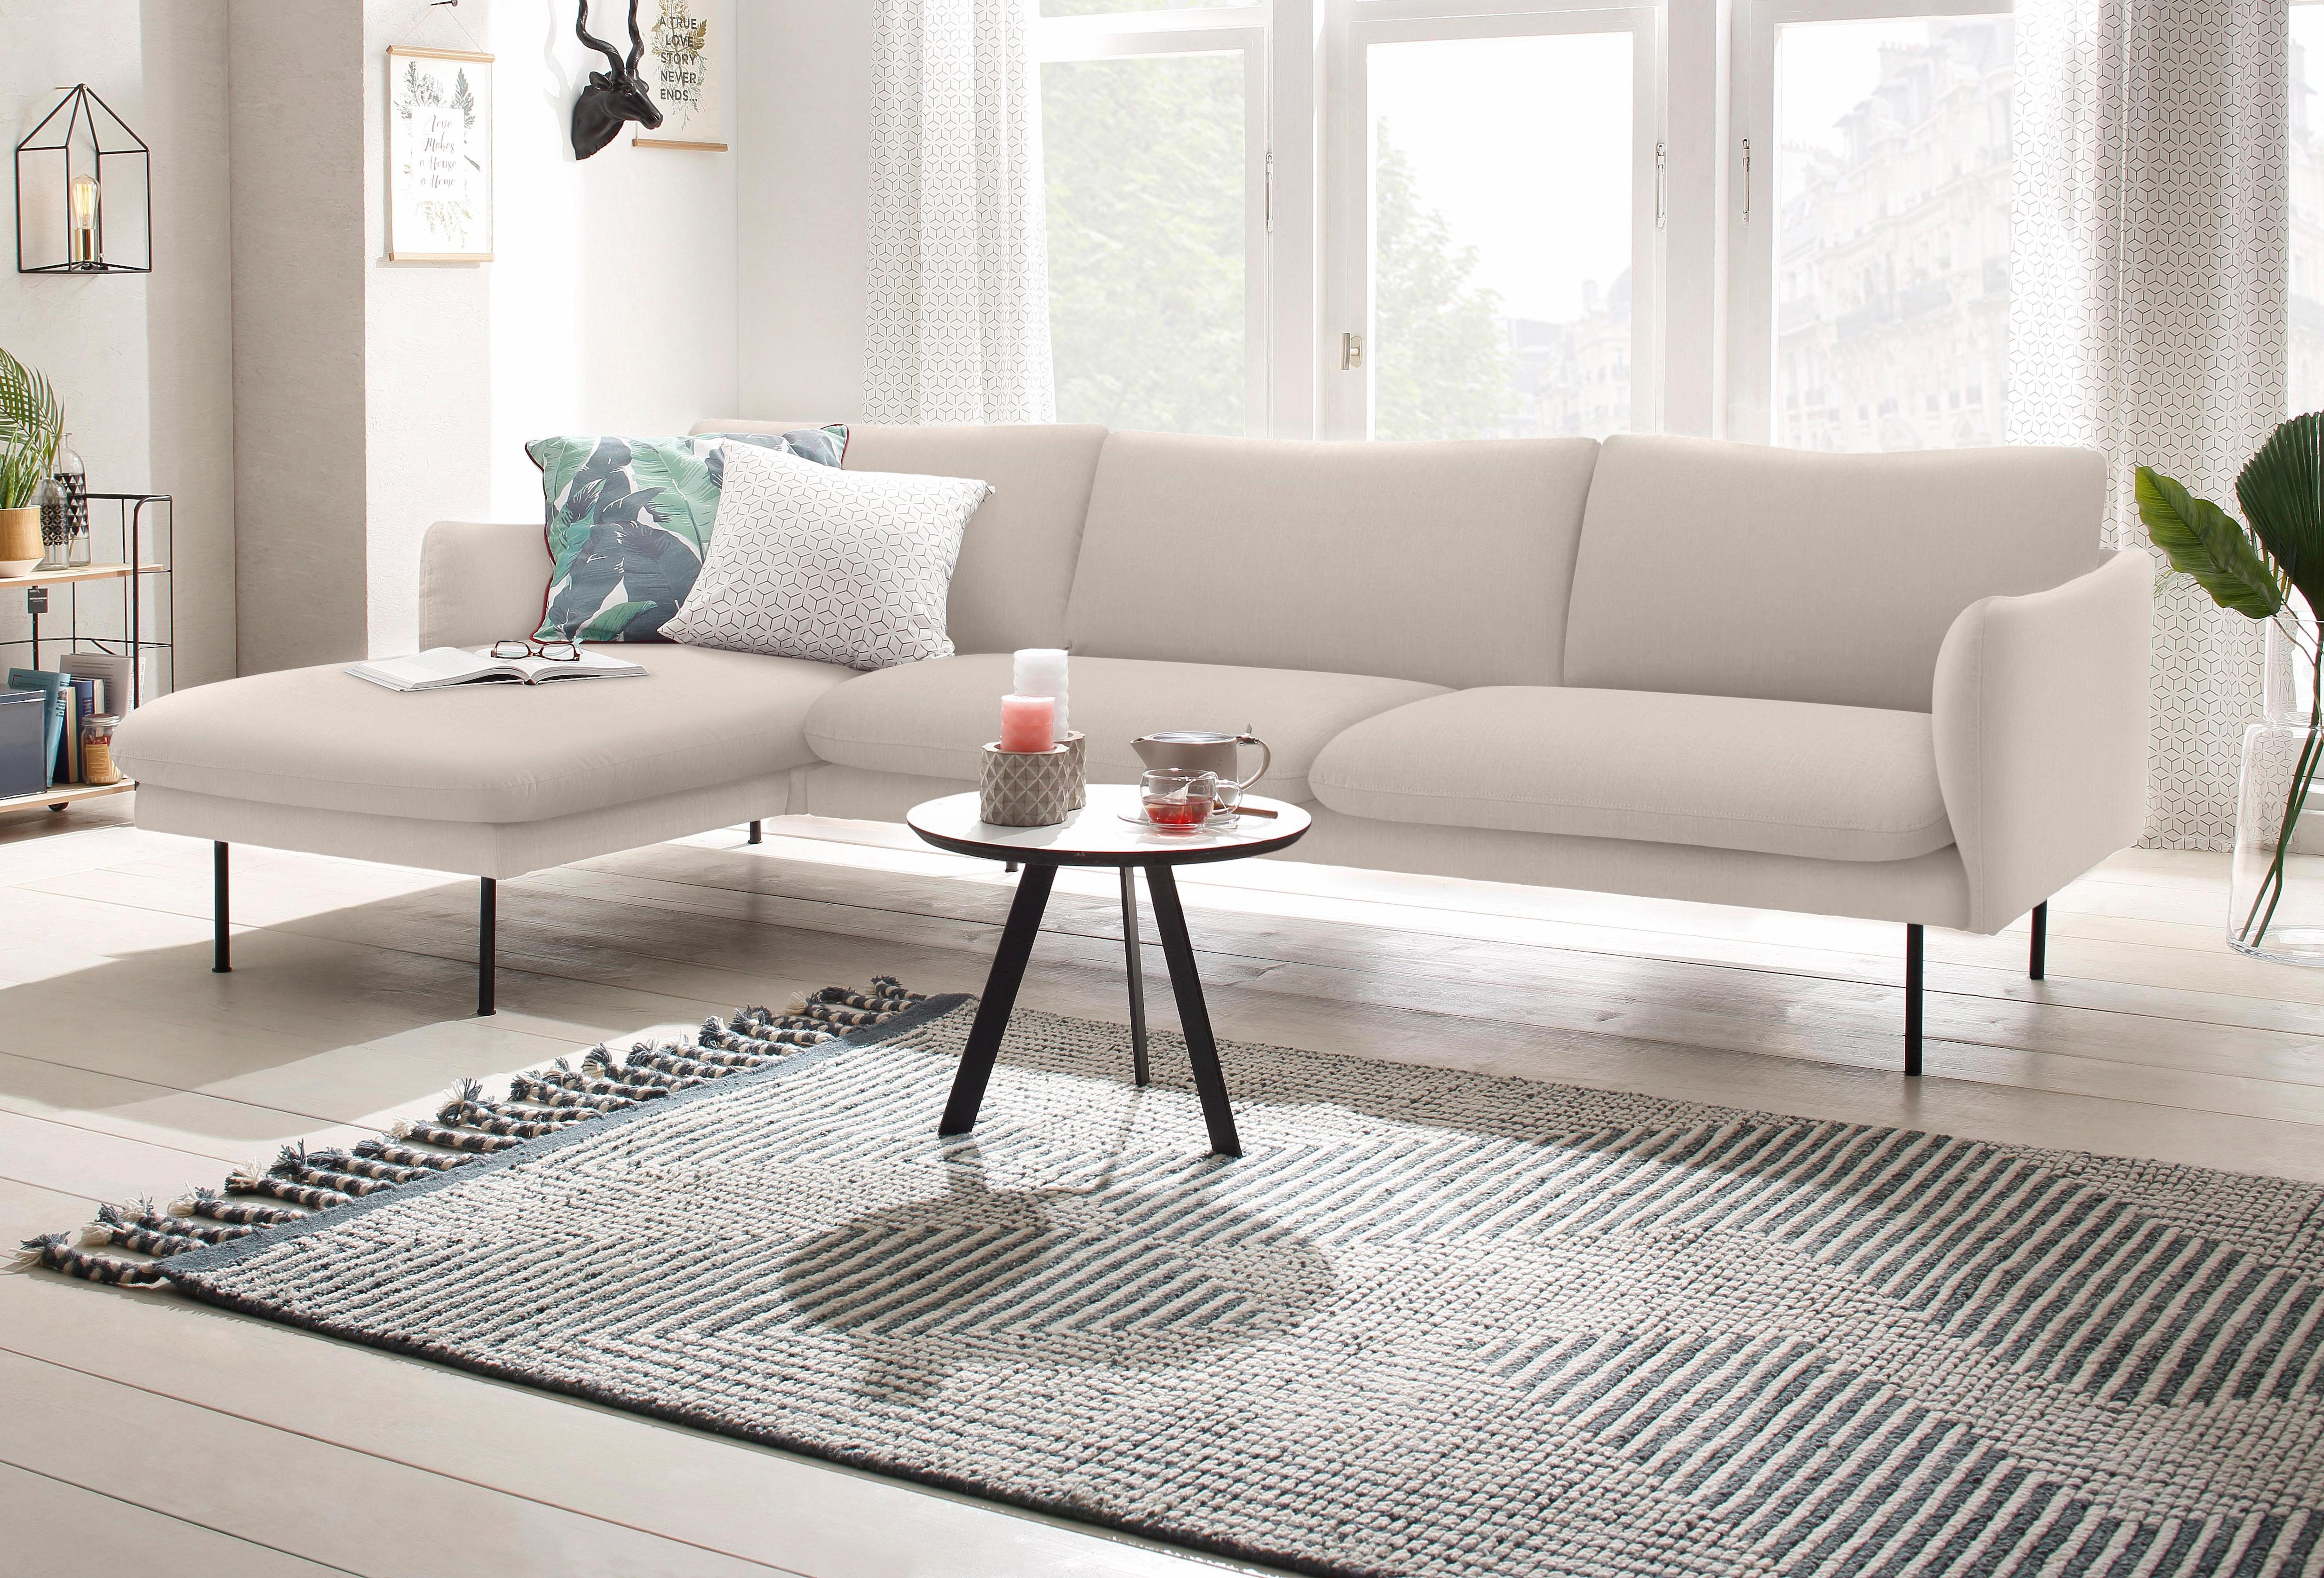 andas ecksofa mavis auf rechnung bestellen baur. Black Bedroom Furniture Sets. Home Design Ideas